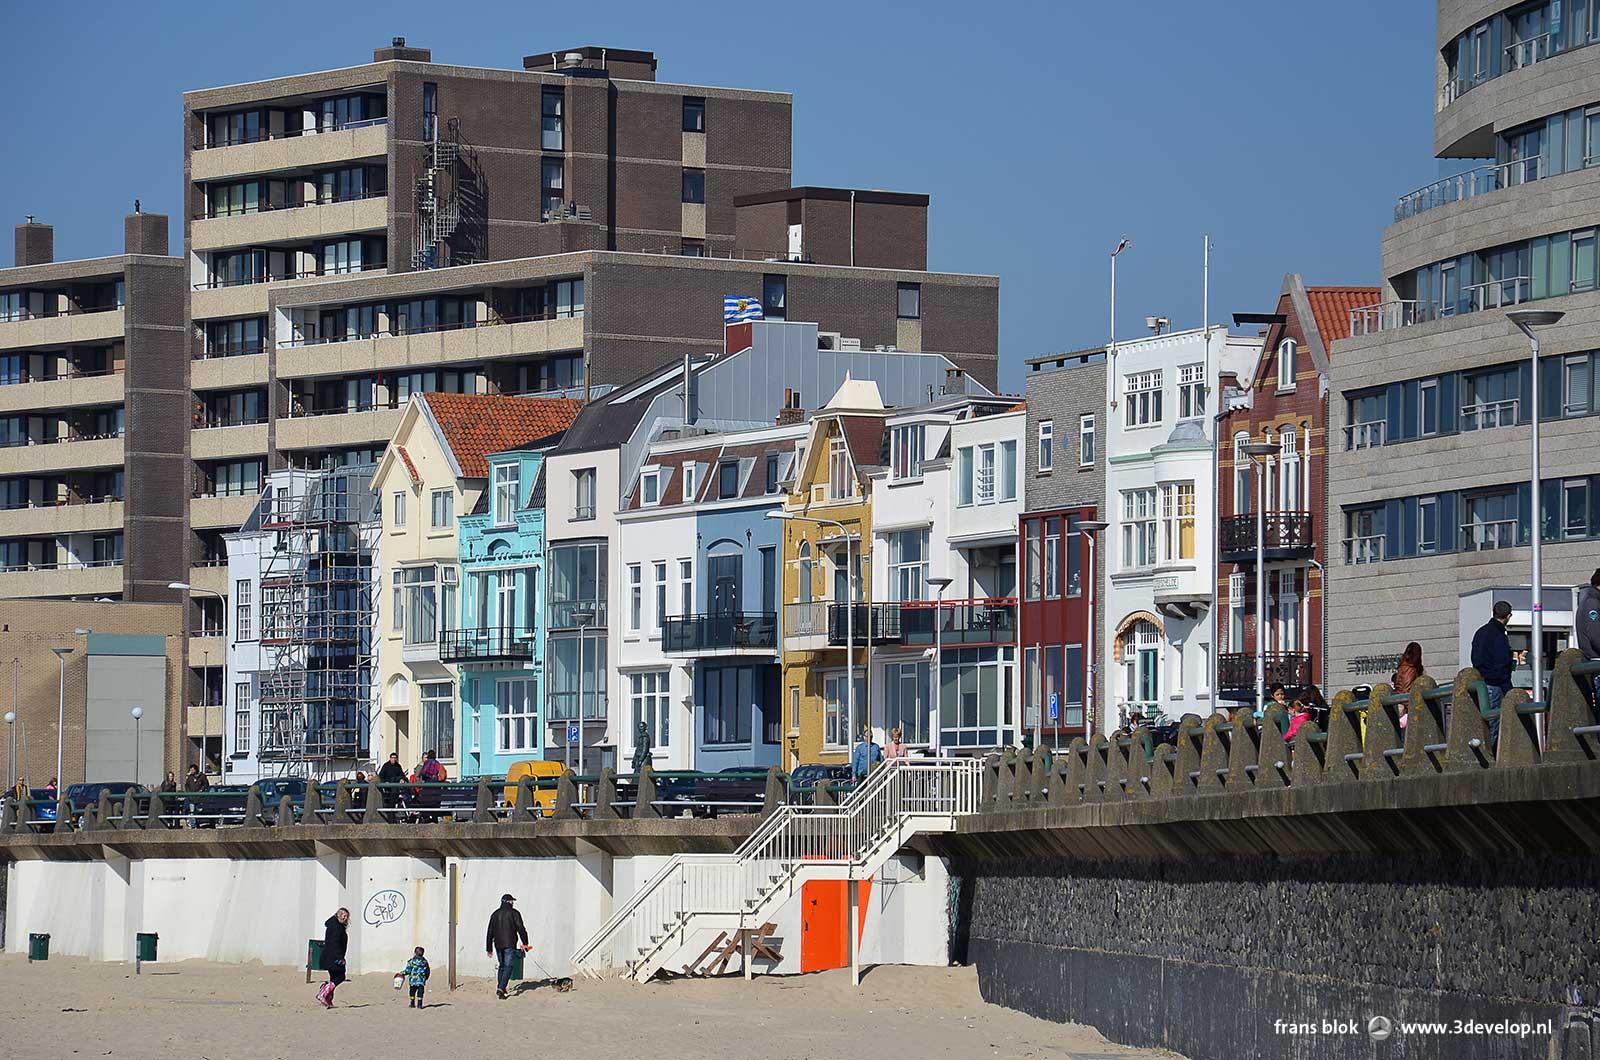 Strand en boulevard in Vlissingen, met kleurrijke oude panden tussen recentere, meer grootschalige bebouwing